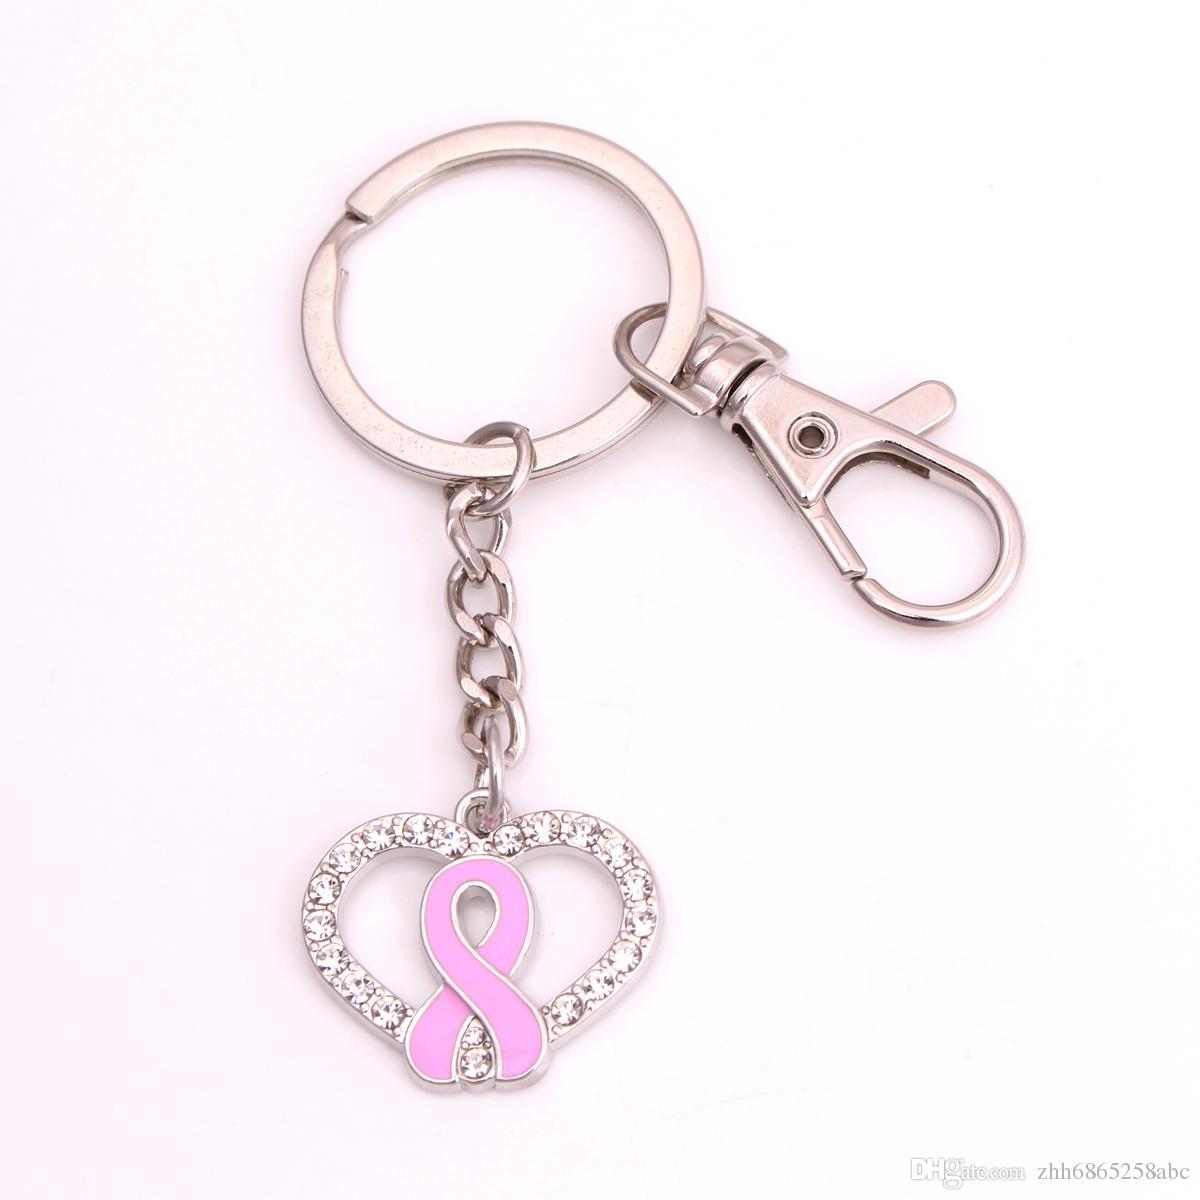 Aşk Pembe Meme Kanseri Bilezikler Farkındalık Şerit Charms Kristal Kalp Kadınlar Için Tıbbi Uyarısı anahtarlık Takı